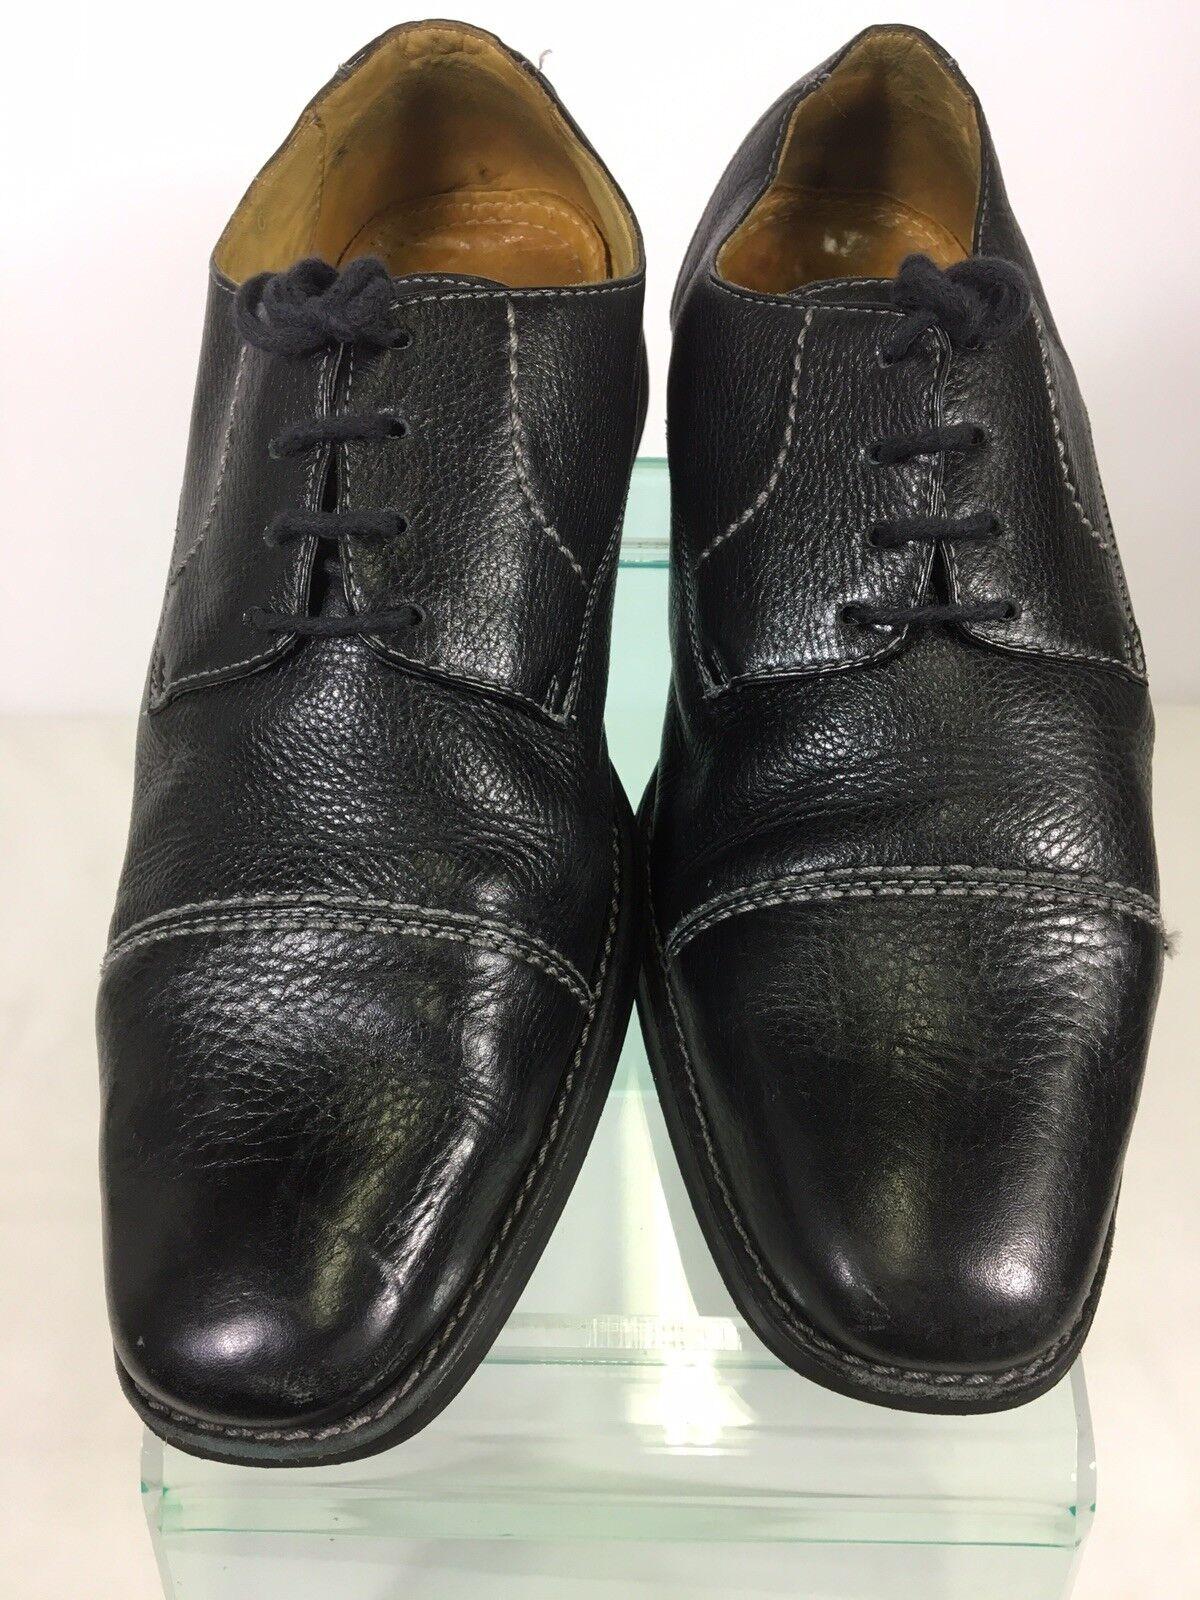 Sandro Moscoloni Mens Size 10.5 D Oxfords Black Dress shoes Cap Toe Square Toe